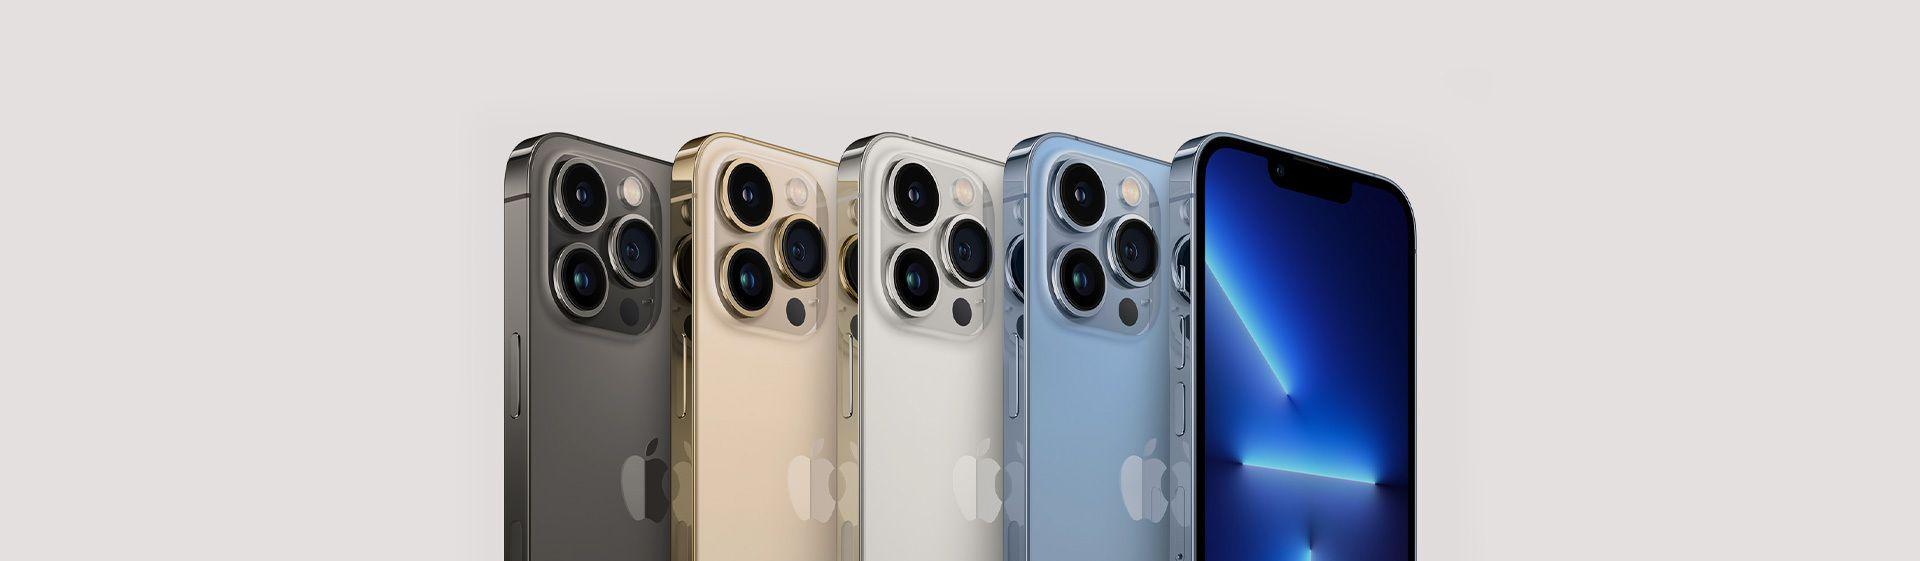 iPhone 13: veja preços e detalhes da nova linha de celulares